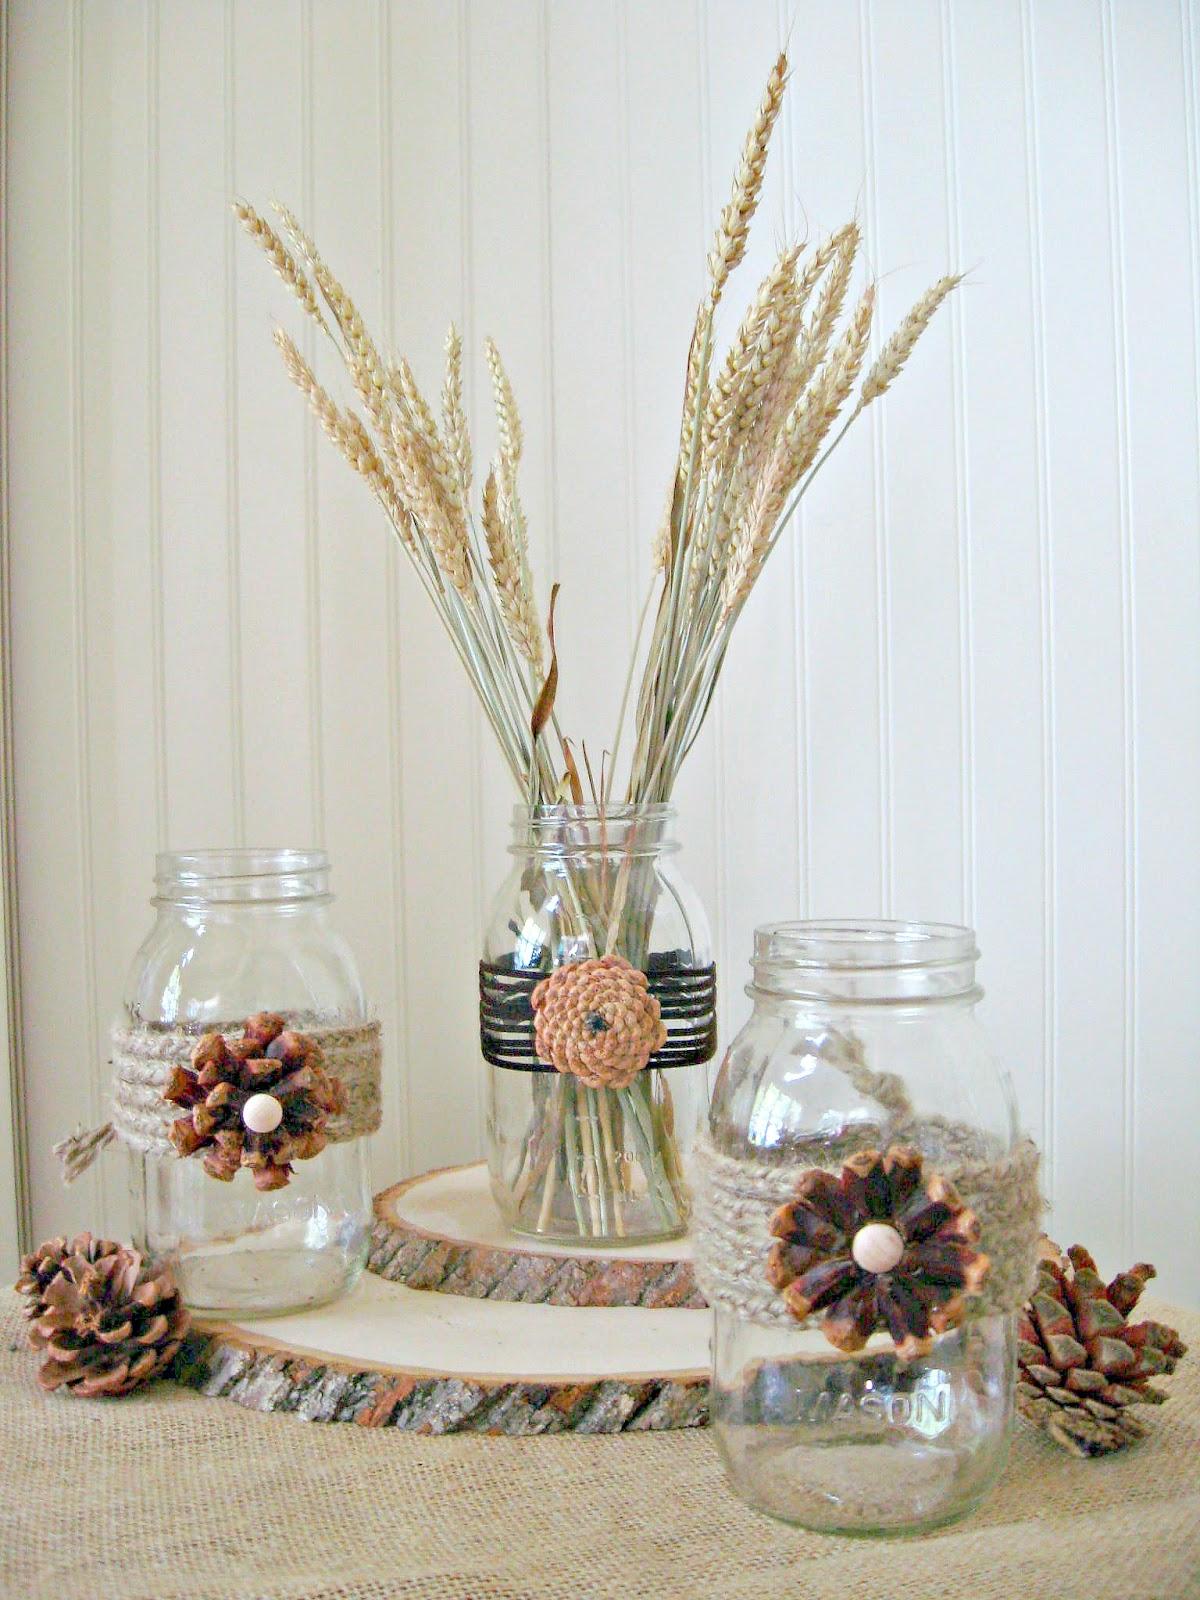 Декор вазы шишками